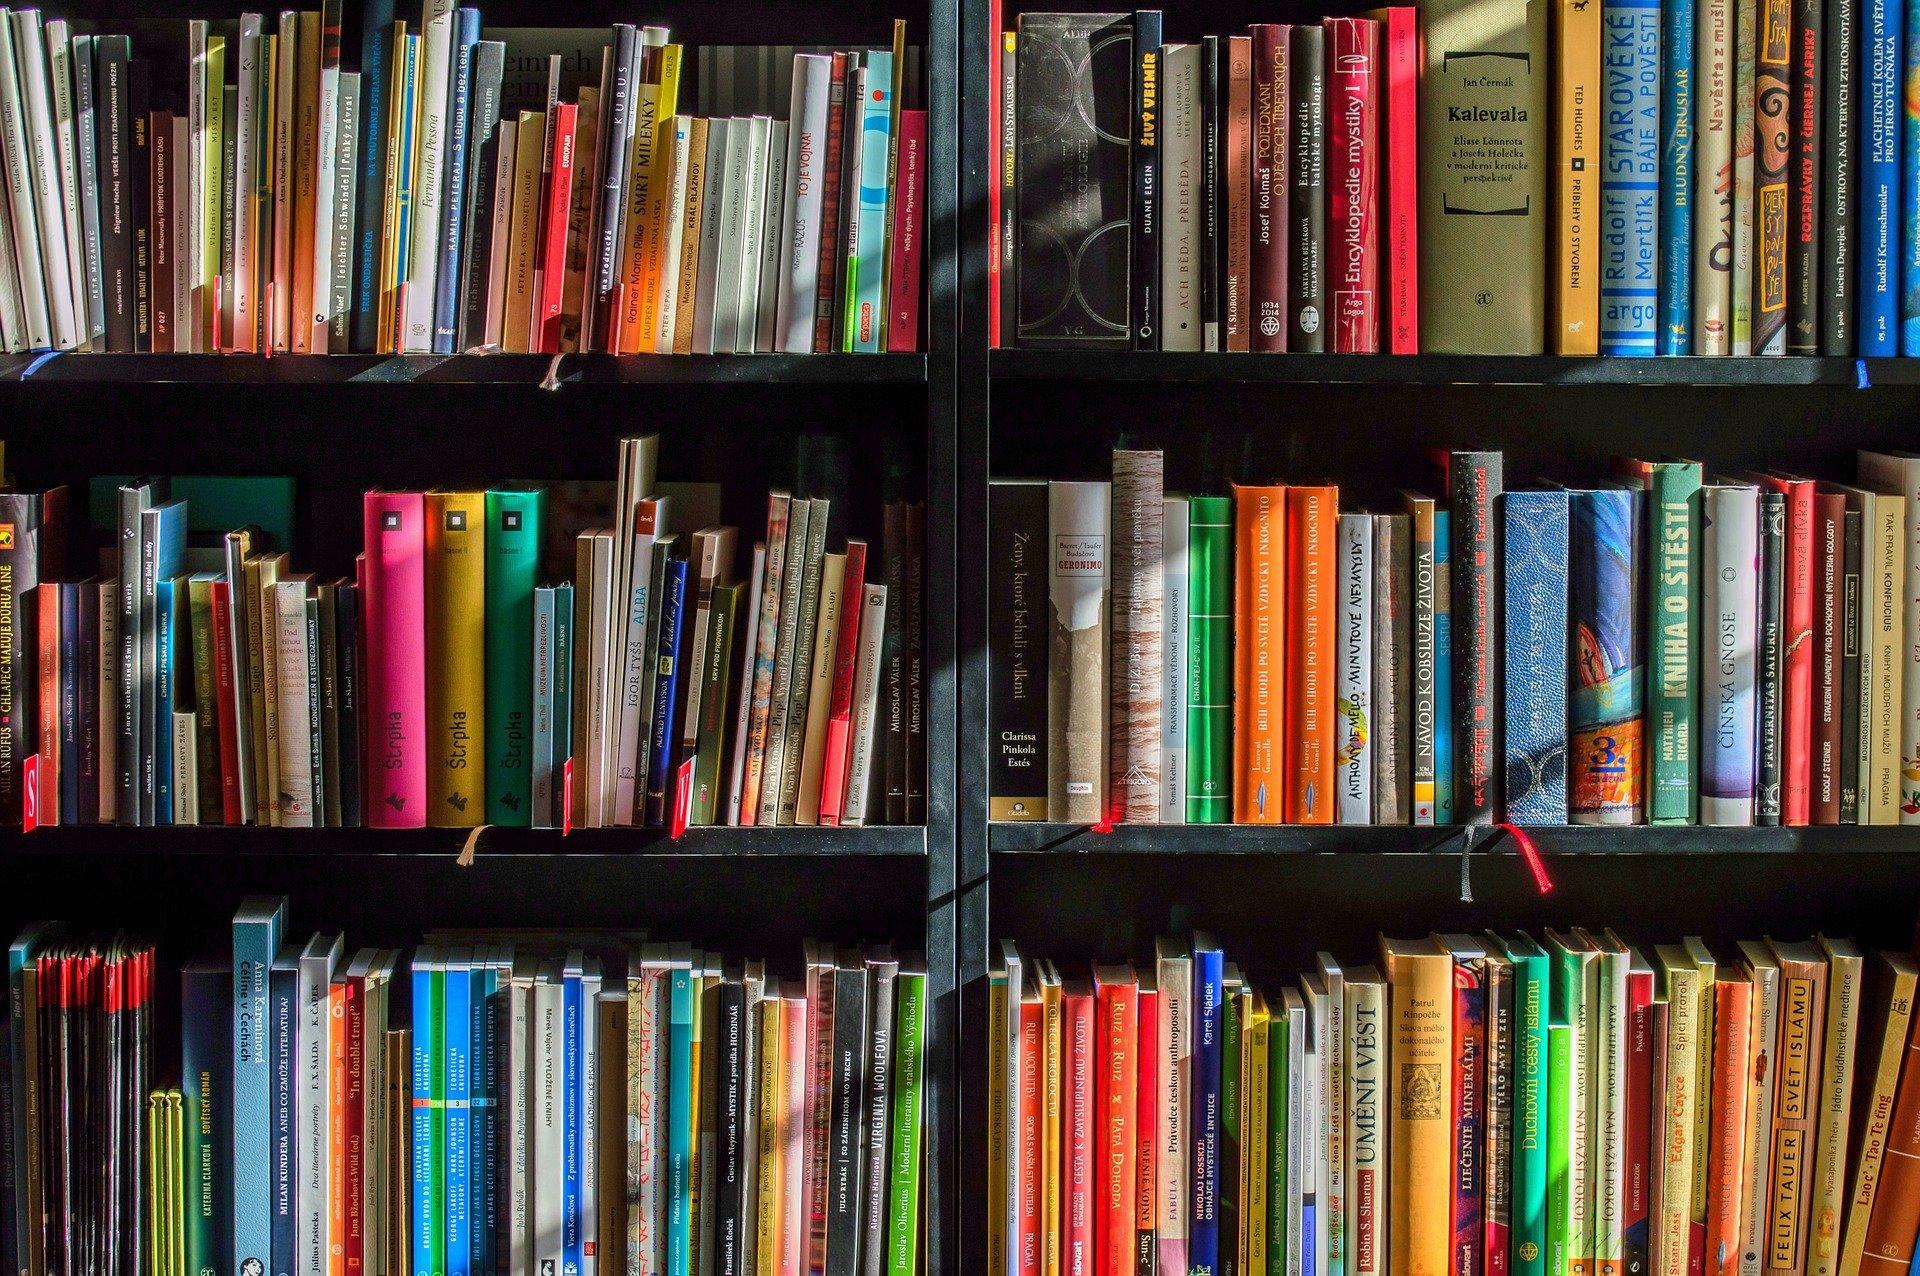 Inleveren 'biebboeken' weer mogelijk bij Graafschap bibliotheken